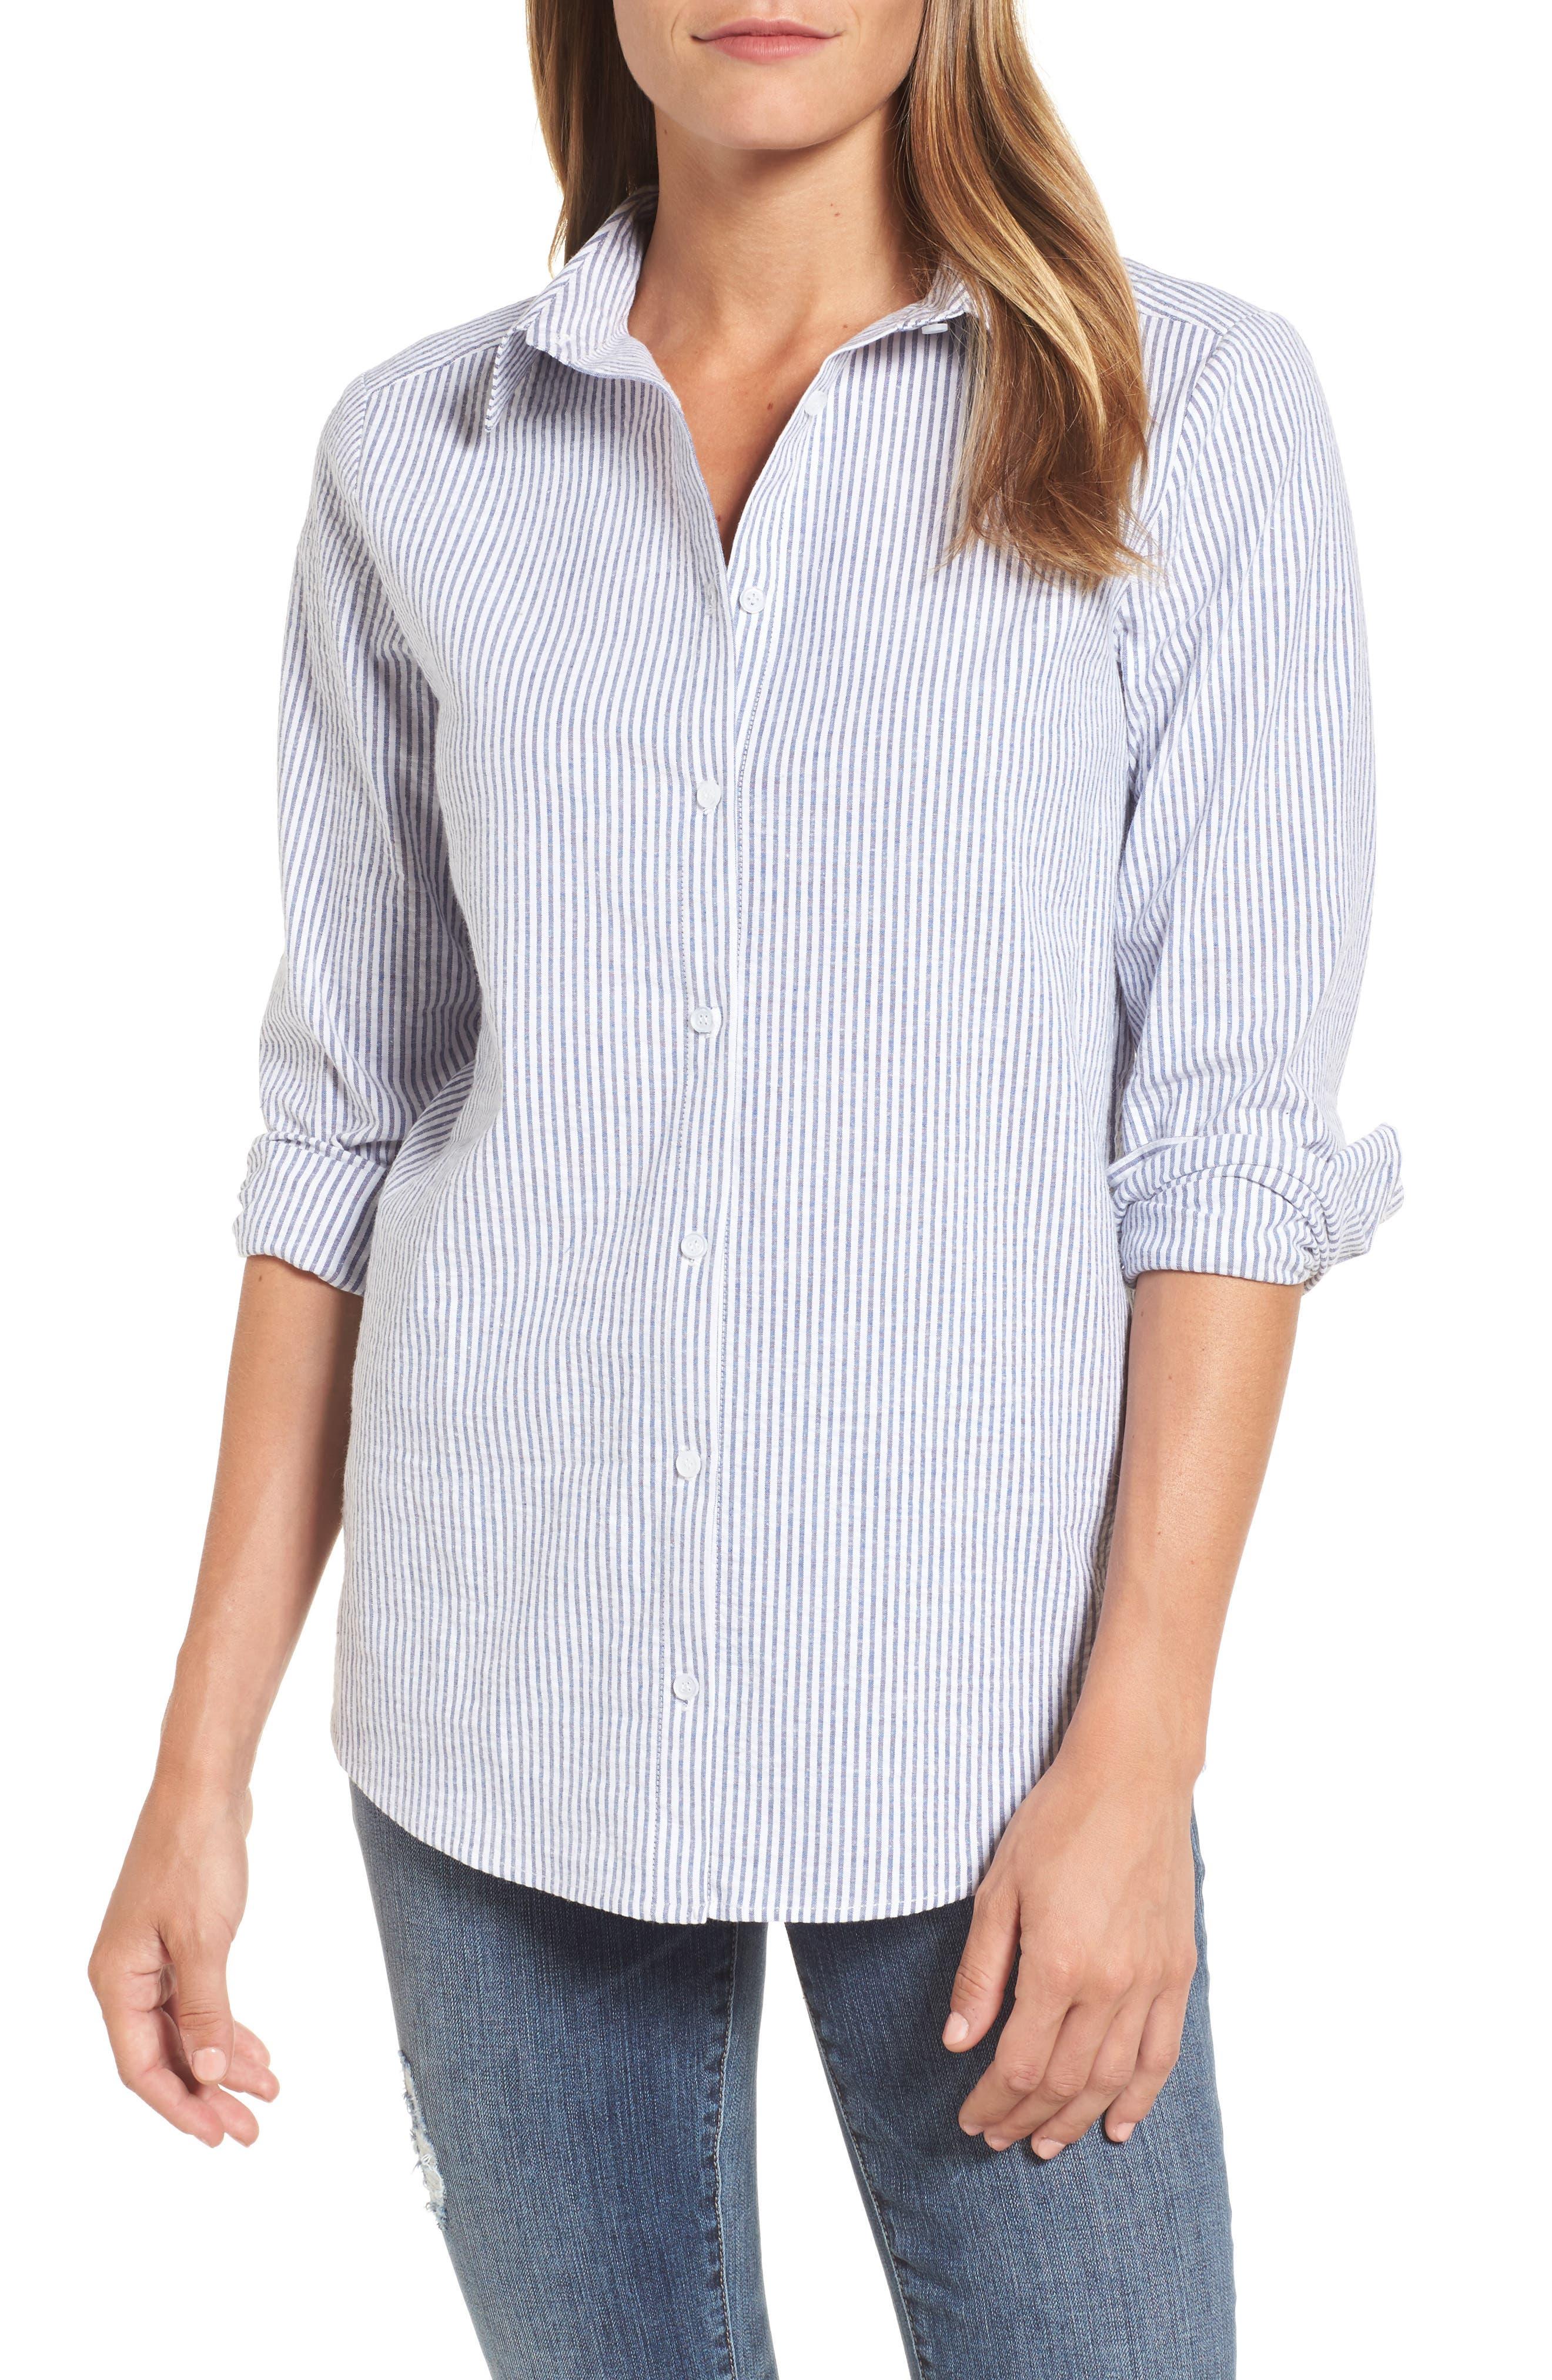 Caslon Button Front Shirt,                             Main thumbnail 1, color,                             Blue- White Seersucker